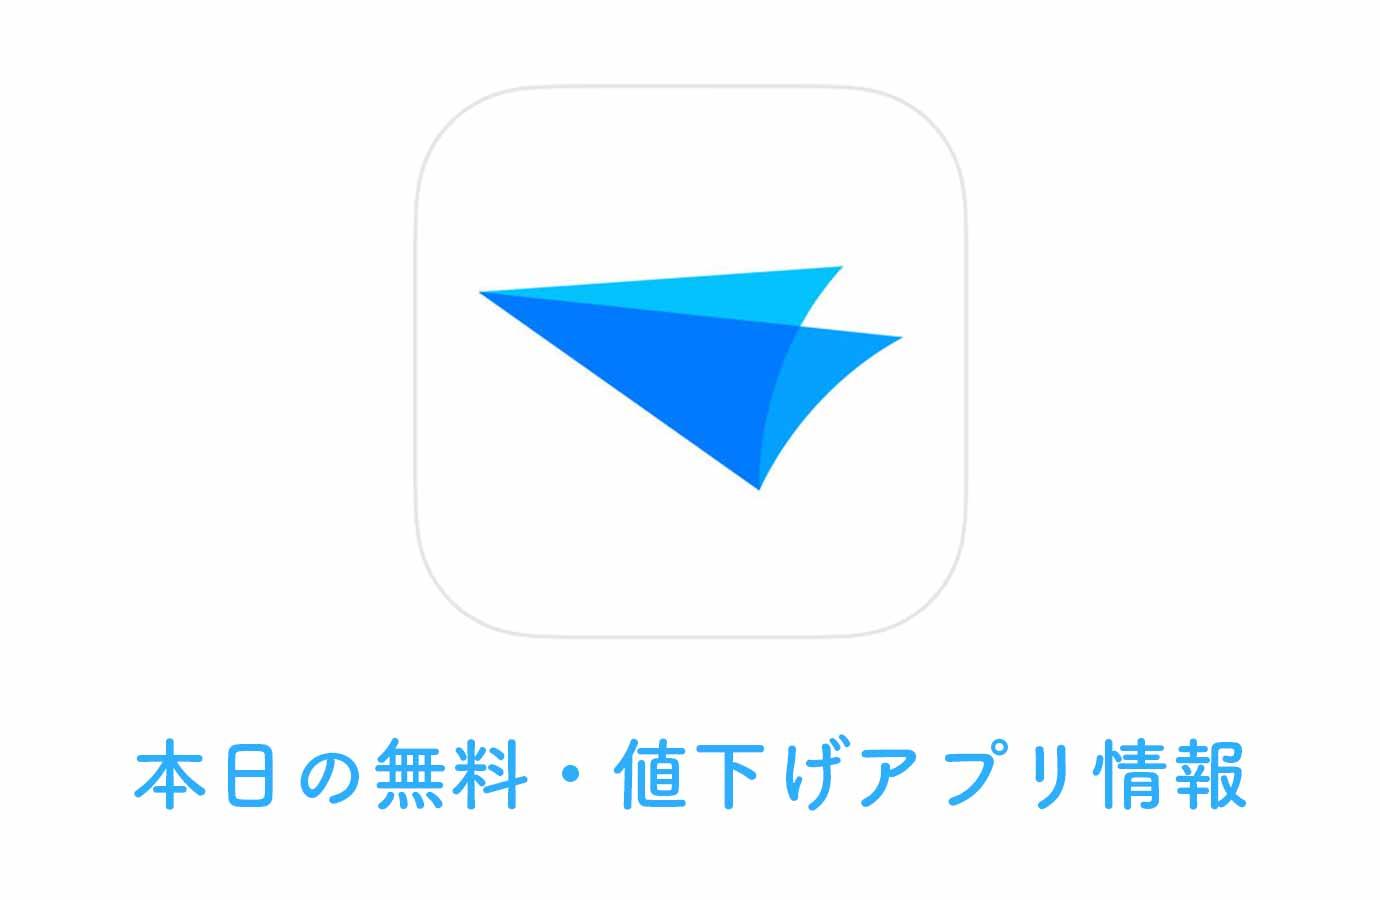 【600円→無料】SNS風の見た目が特徴のメールアプリ「Flow」など【3/7】本日の無料・値下げアプリ情報